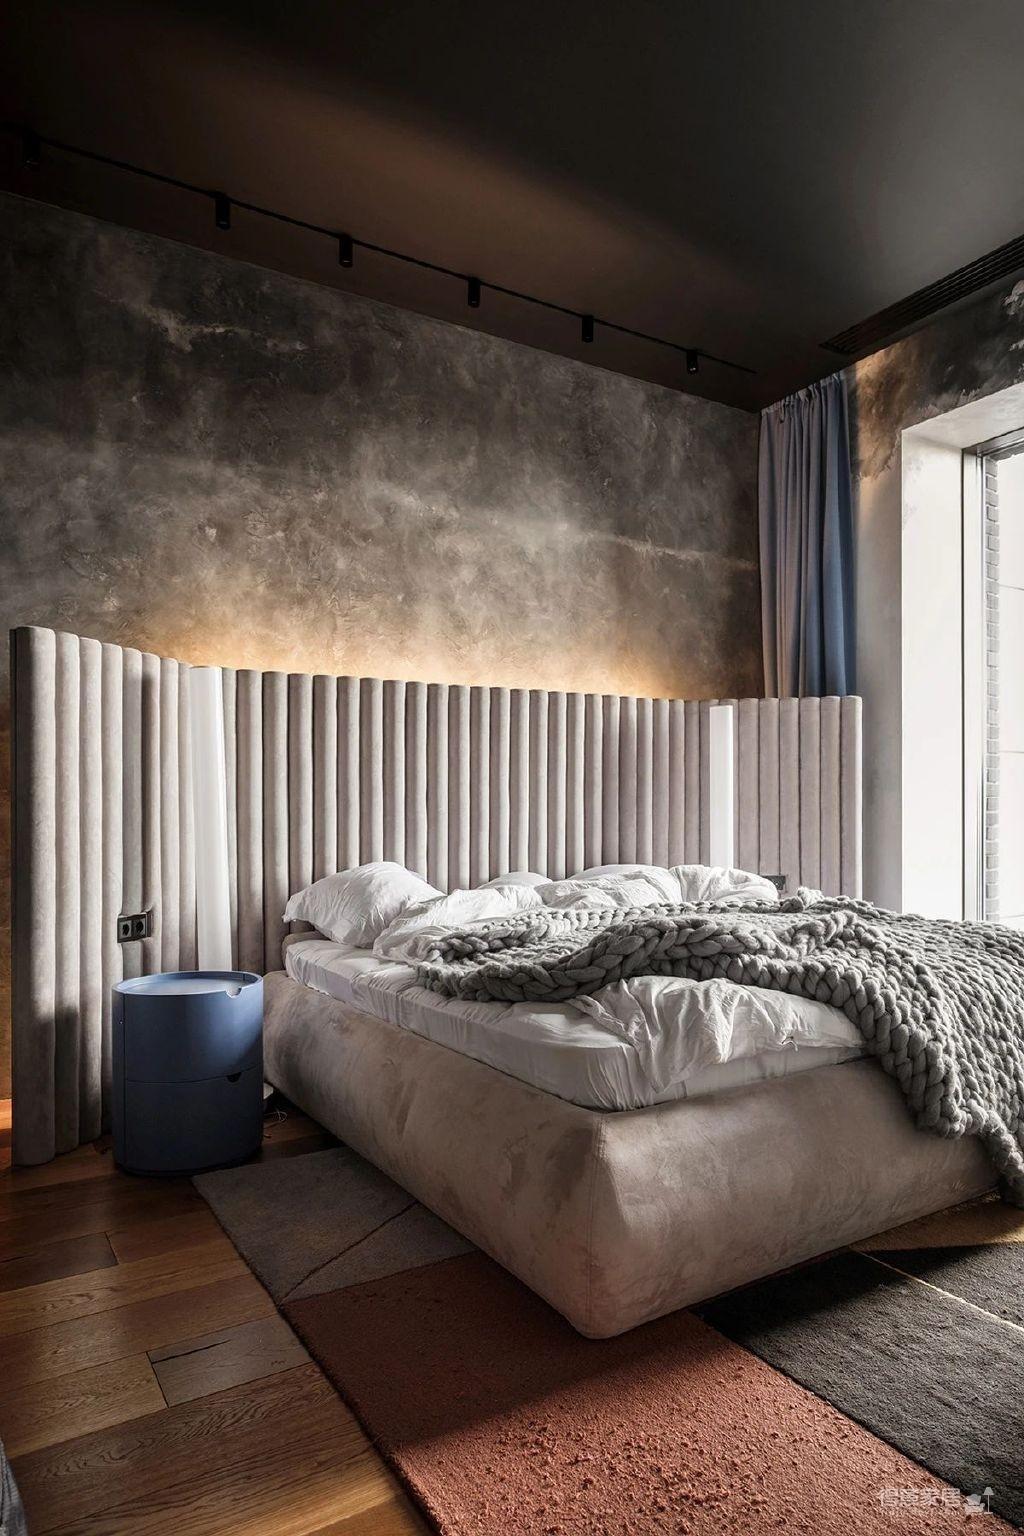 三间小公寓拼凑而成的136平大宅,时髦得不像话图_6